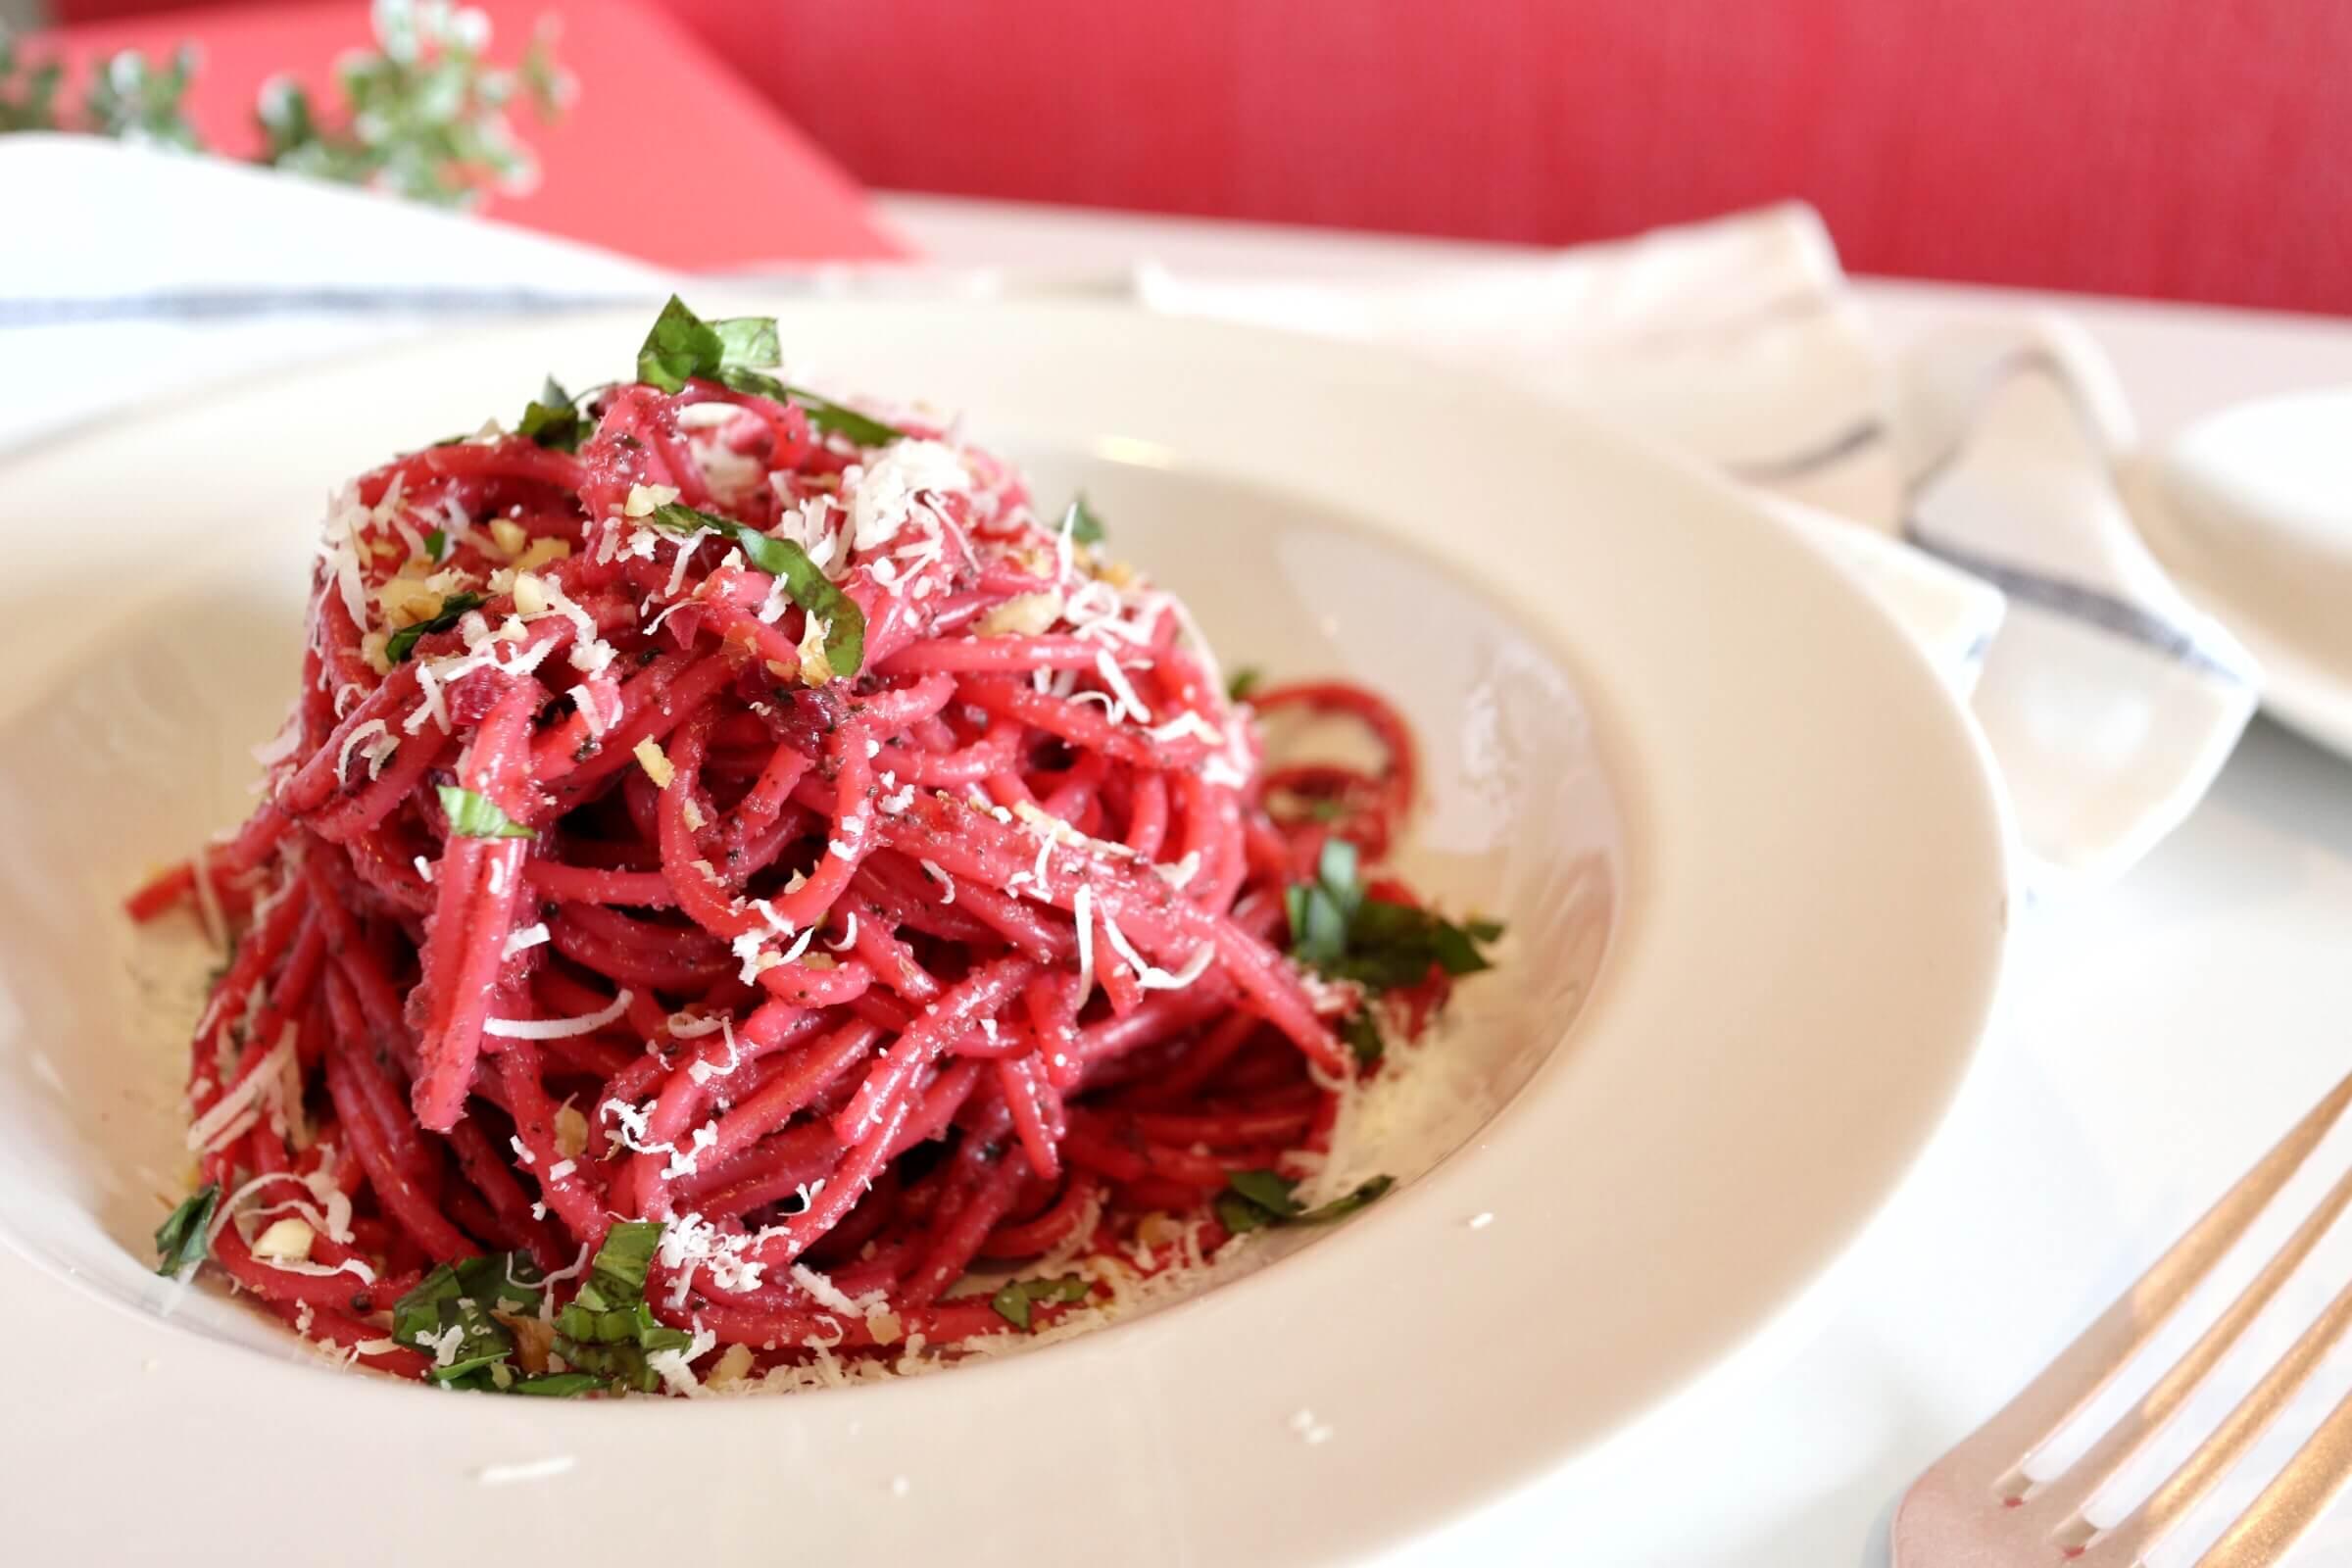 【栄養満点!】ビーツでピンクパスタのレシピ